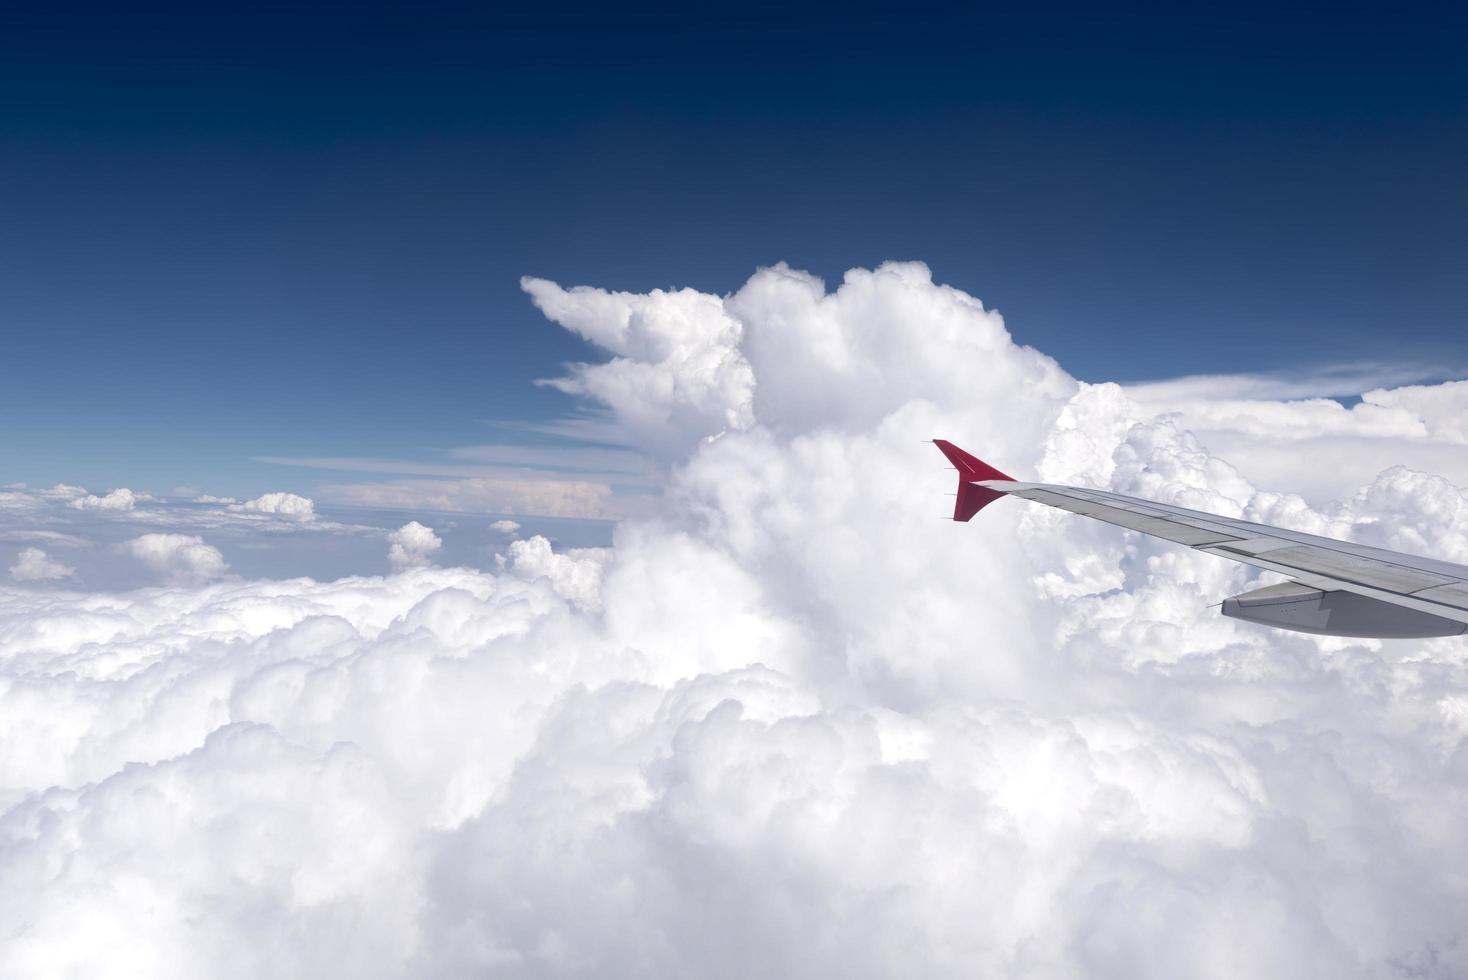 utsikt över flygvingen från passagerarfönstret foto